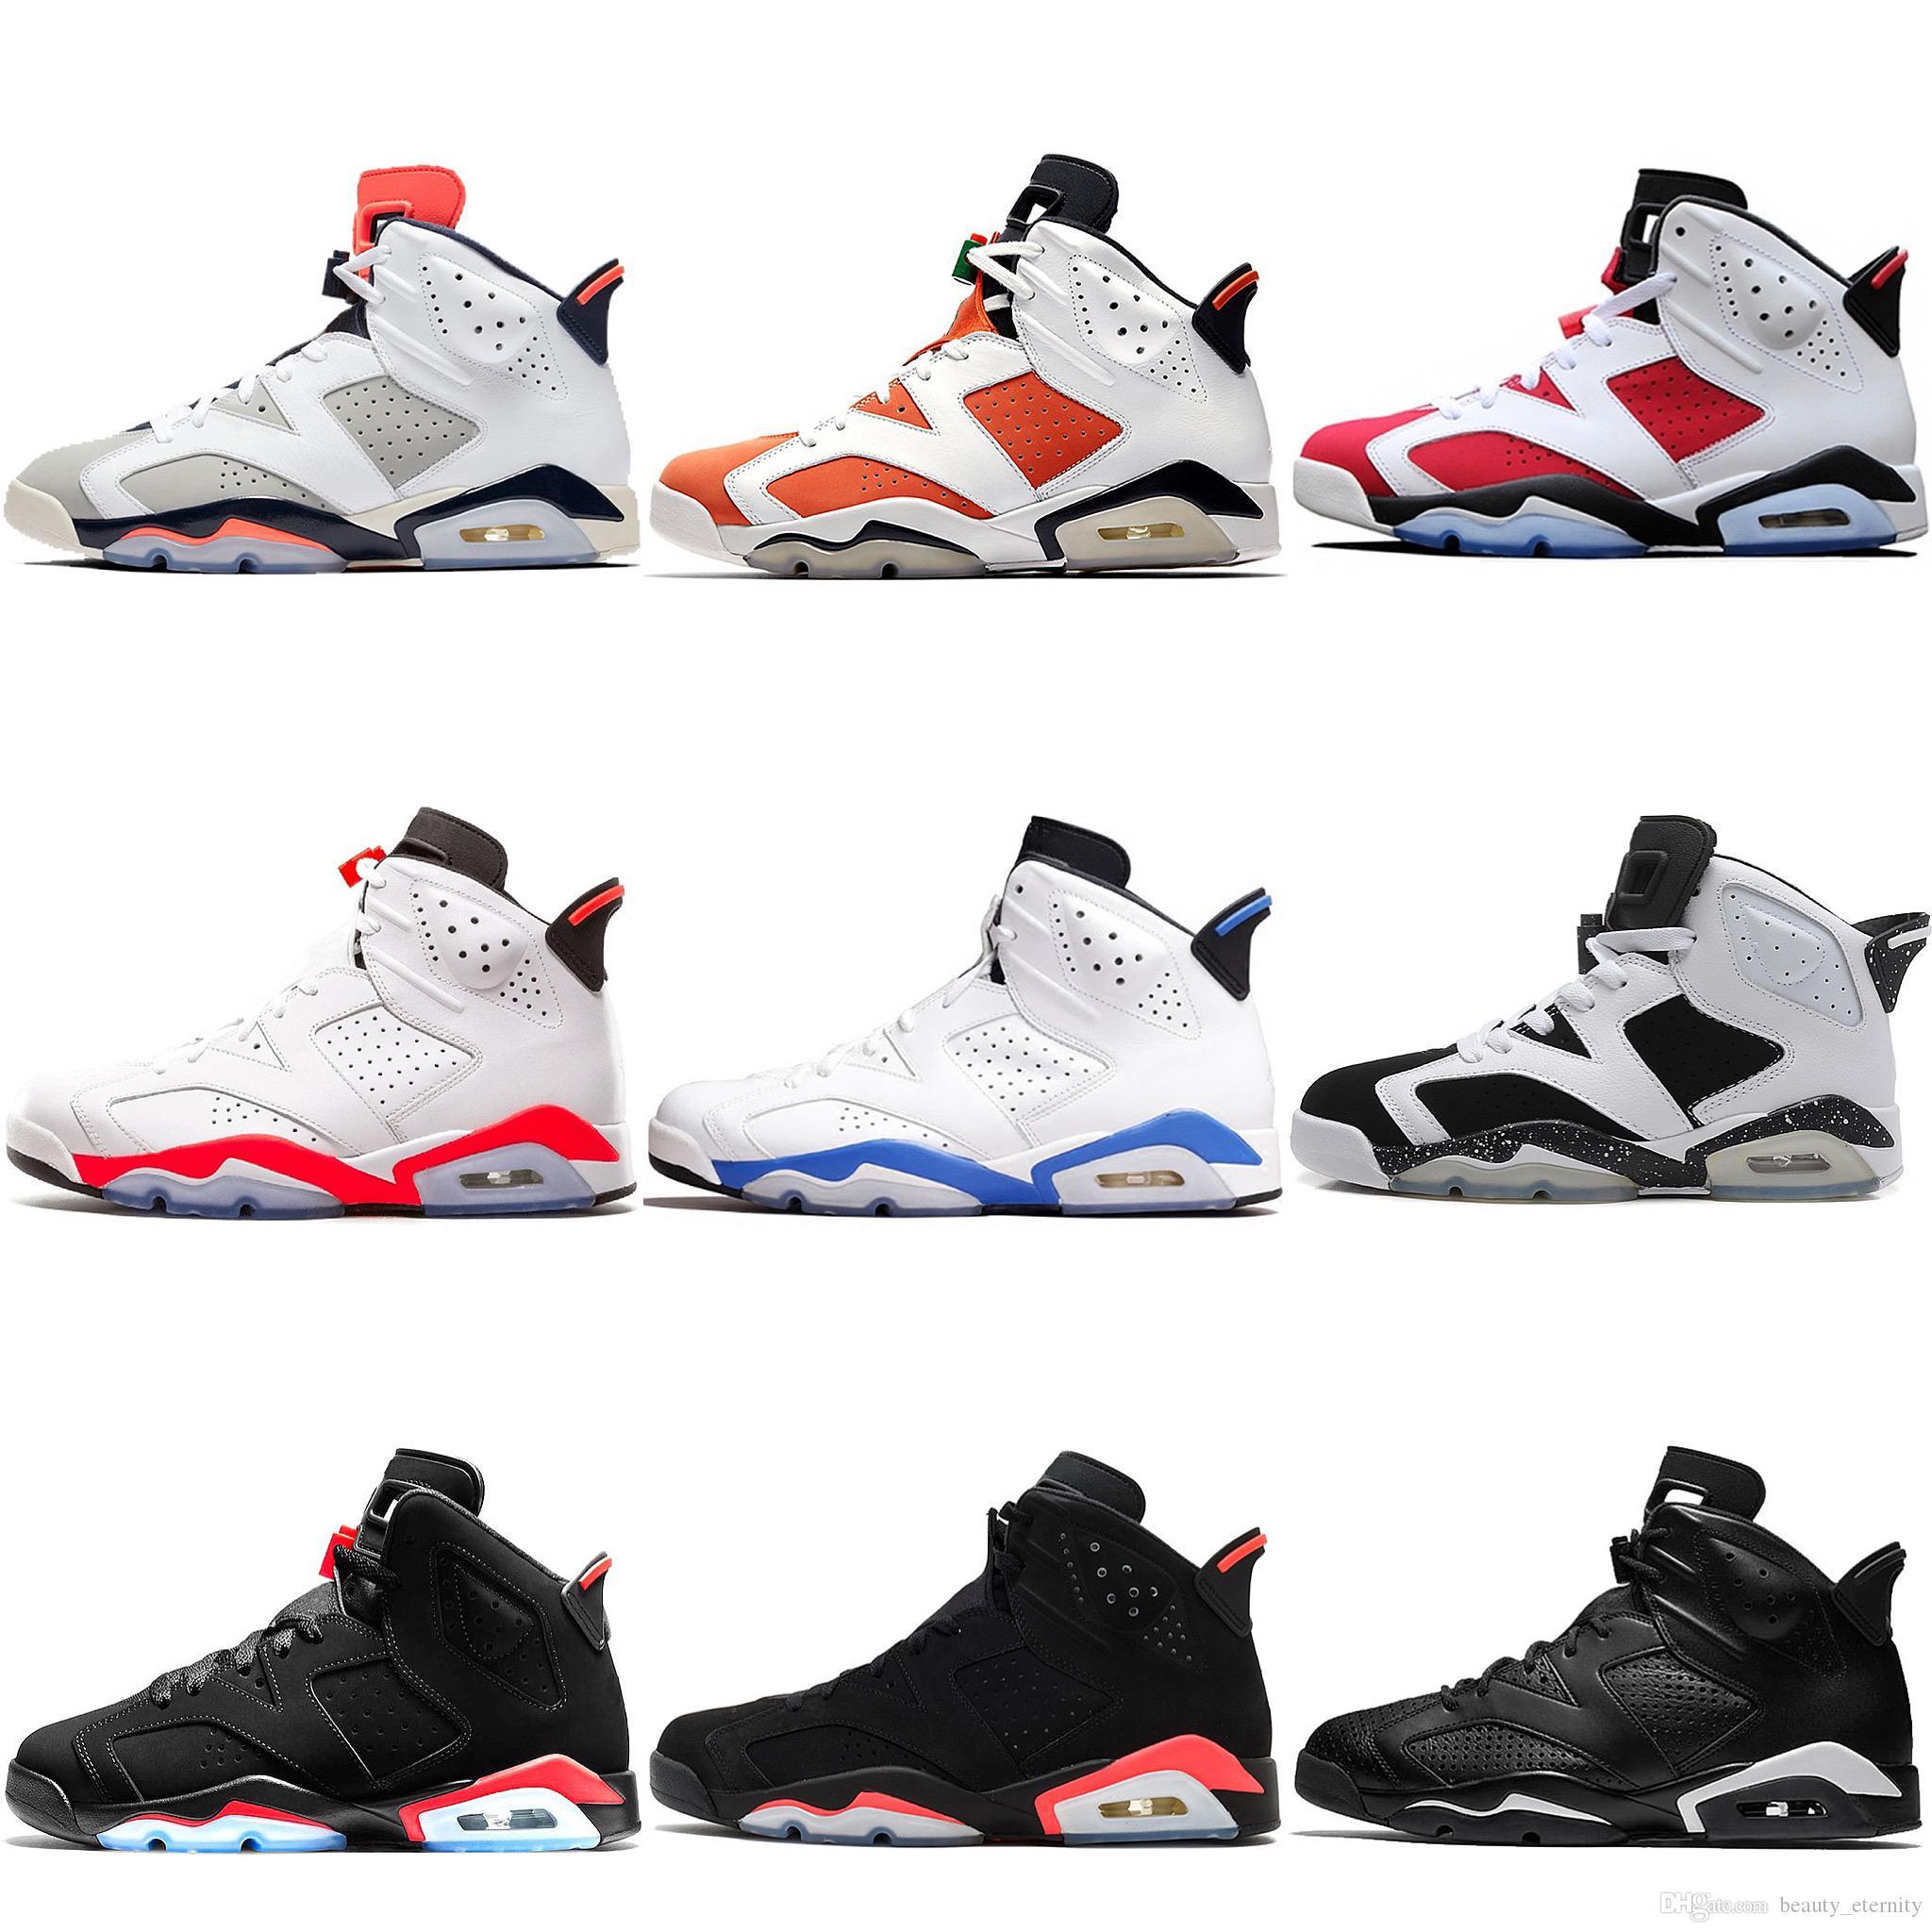 Nike Air Jordan 6 Nuevo Bred 6 6s Zapatillas de baloncesto para hombre Tinker UNC Gato negro Infrarrojo Blanco Carmín Hombres Diseñadores Deportivos Zapatillas de deporte Atlético